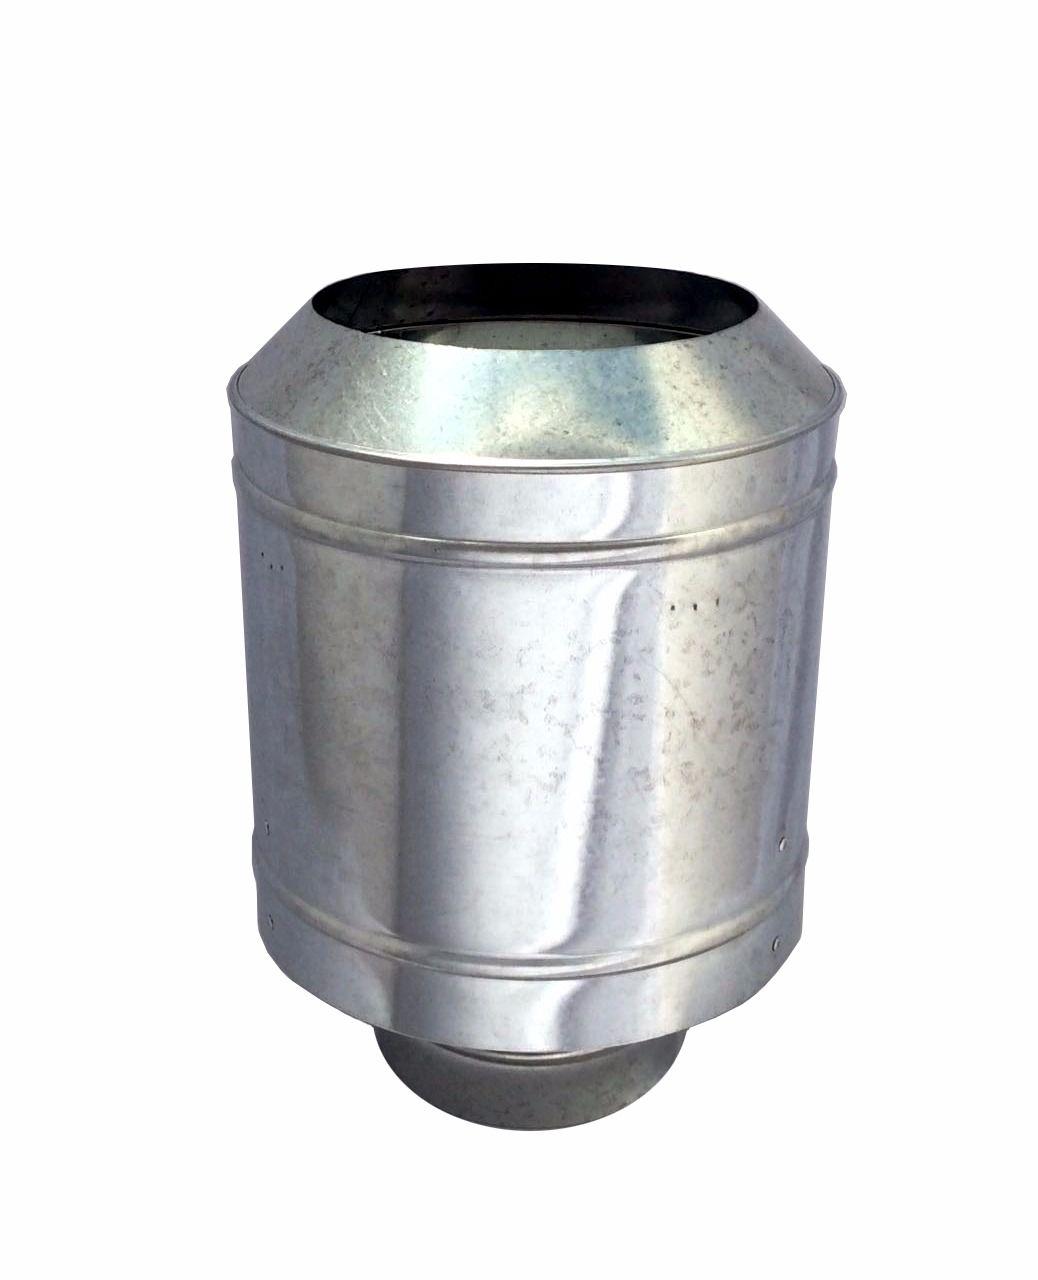 Chapéu galvanizado tipo canhão sputinik para chaminé de 250 mm de diâmetro.  - Galvocalhas